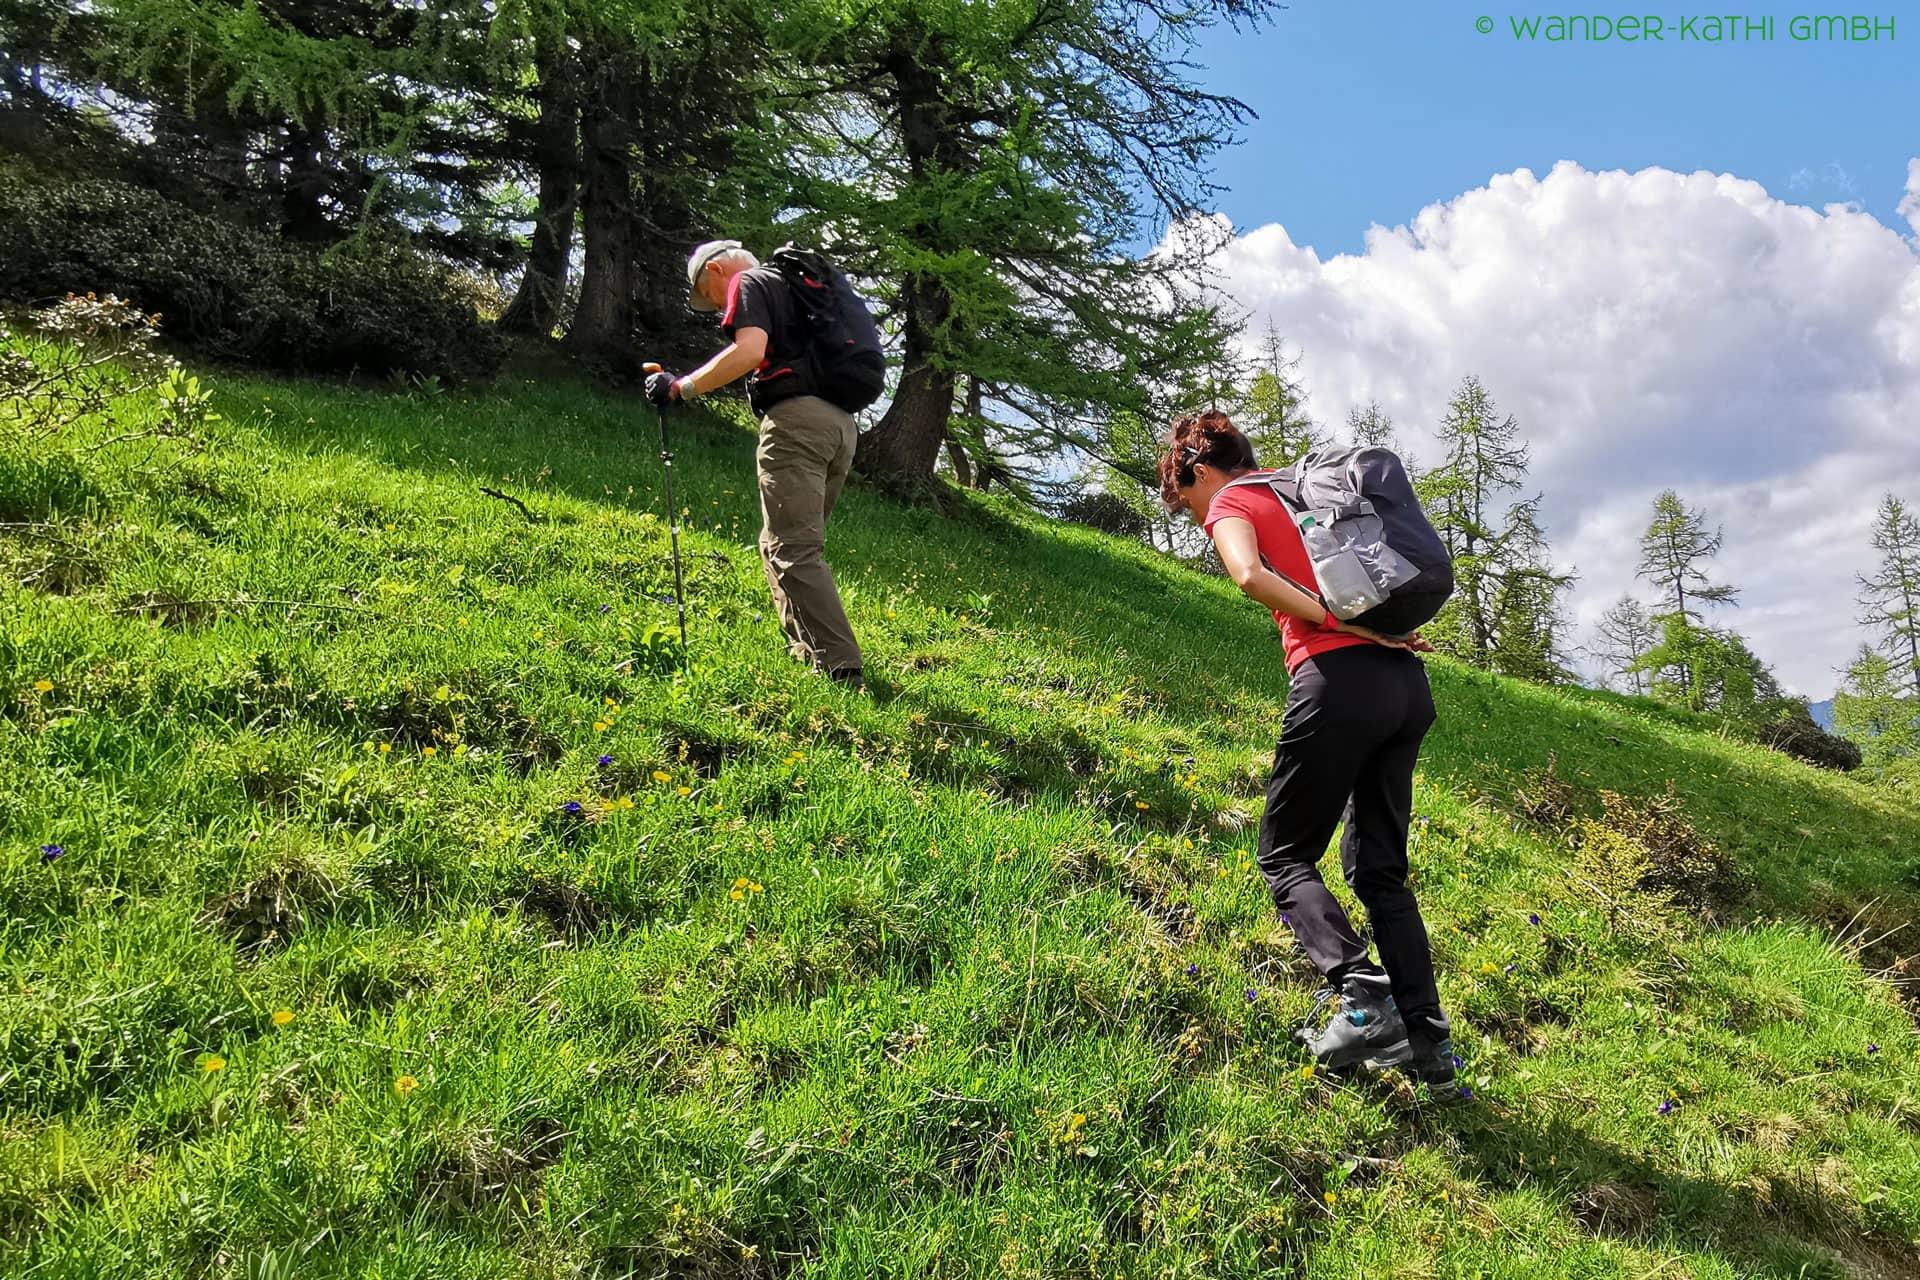 wanderung-bärenlöcher-liechtenstein-halbtagestour-wander-kathi_005